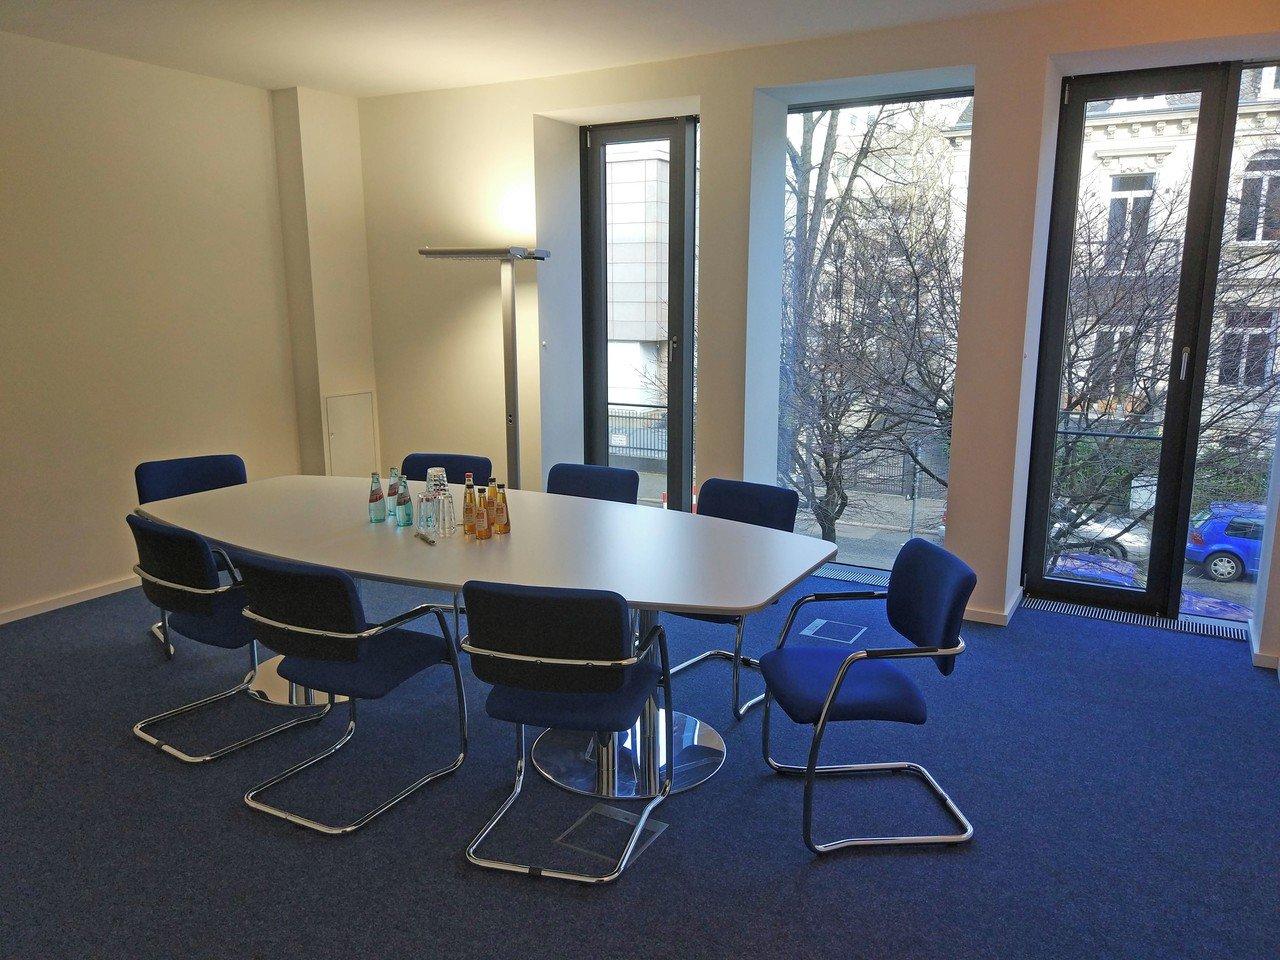 Francfort  Salle de réunion Puristischer Tagungsraum im Herzen des Frankfurter Westends image 1